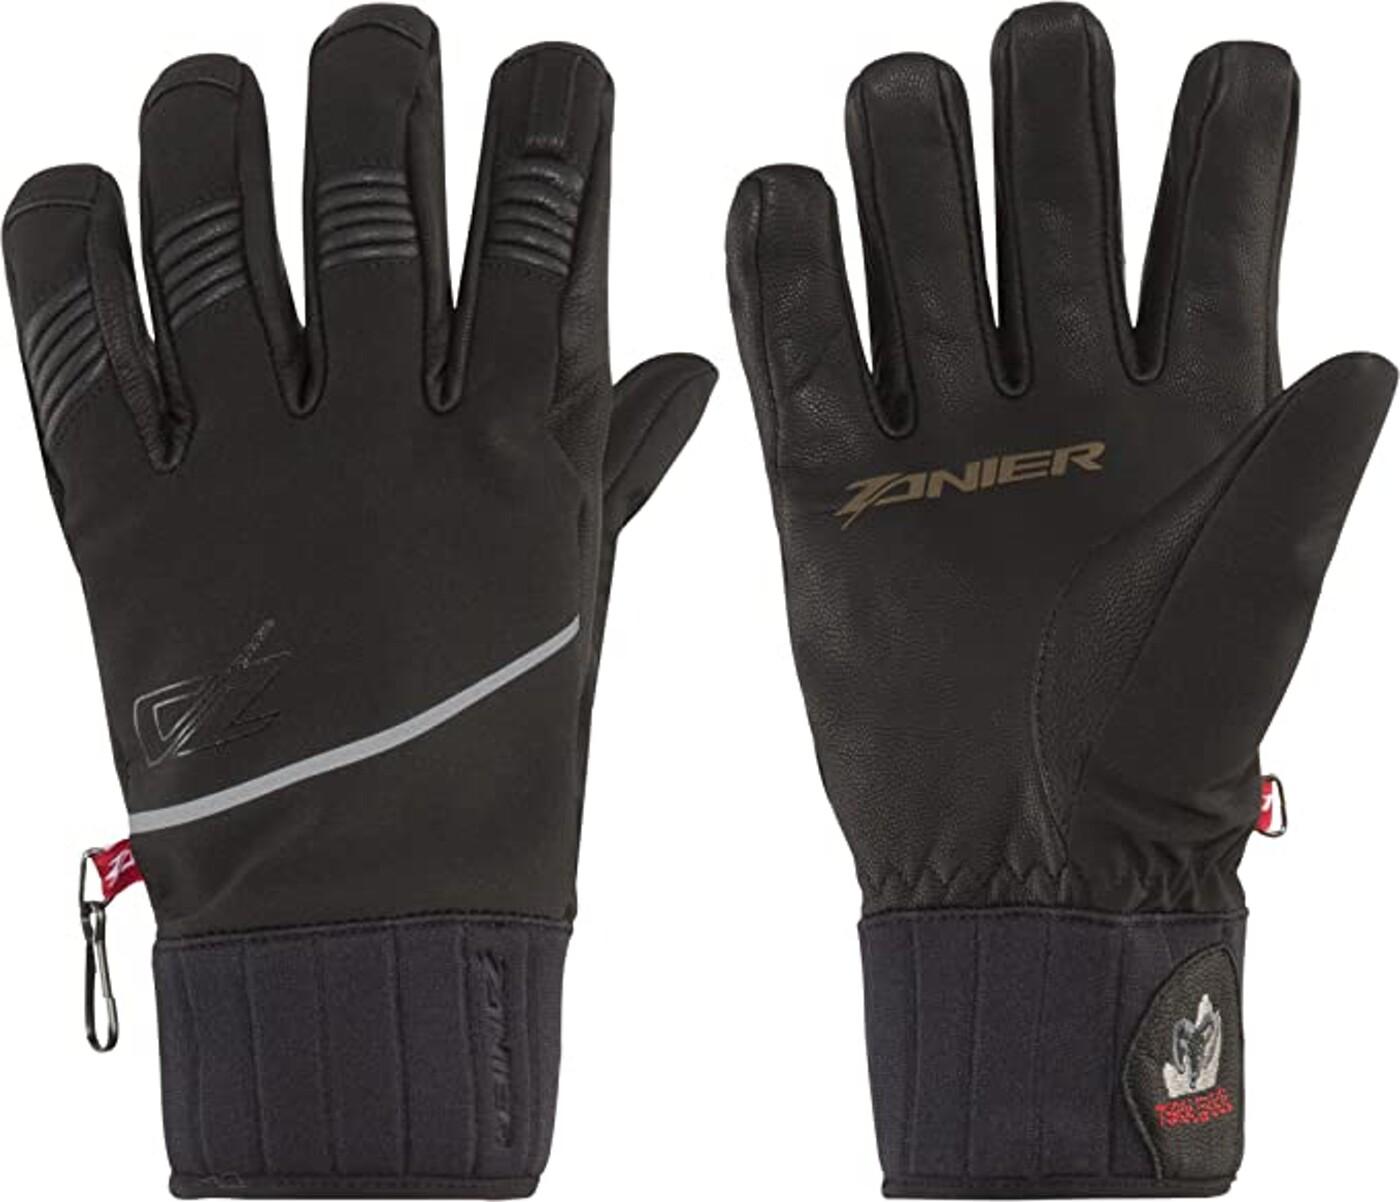 Handschuh LASERZ.TW  UX ZANIER - Herren